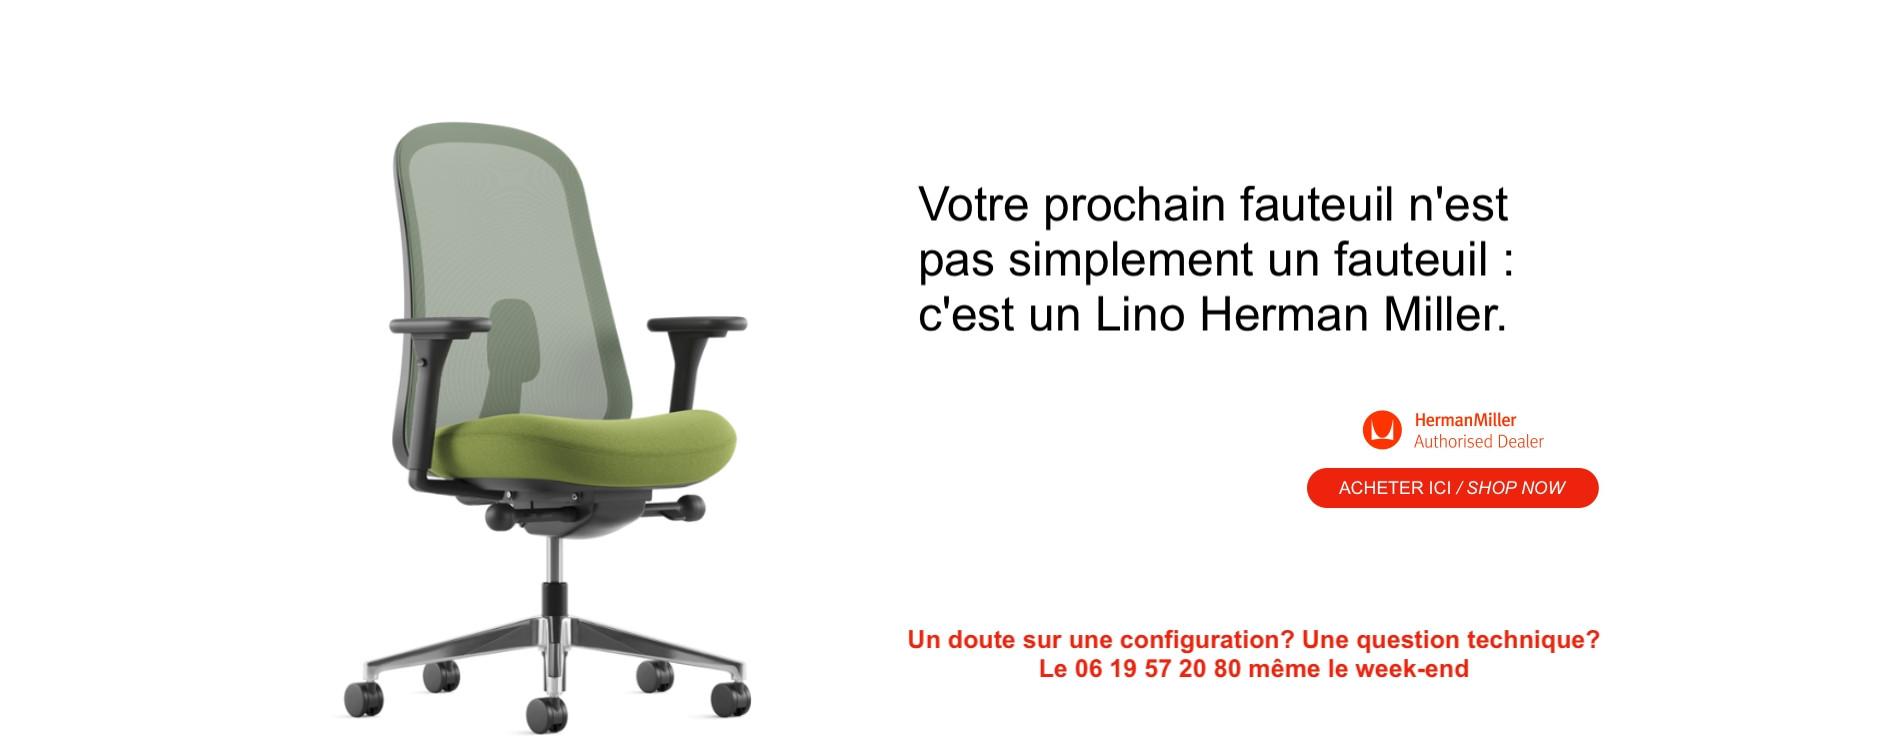 Votre prochain fauteuil est un Lino Herman Miller